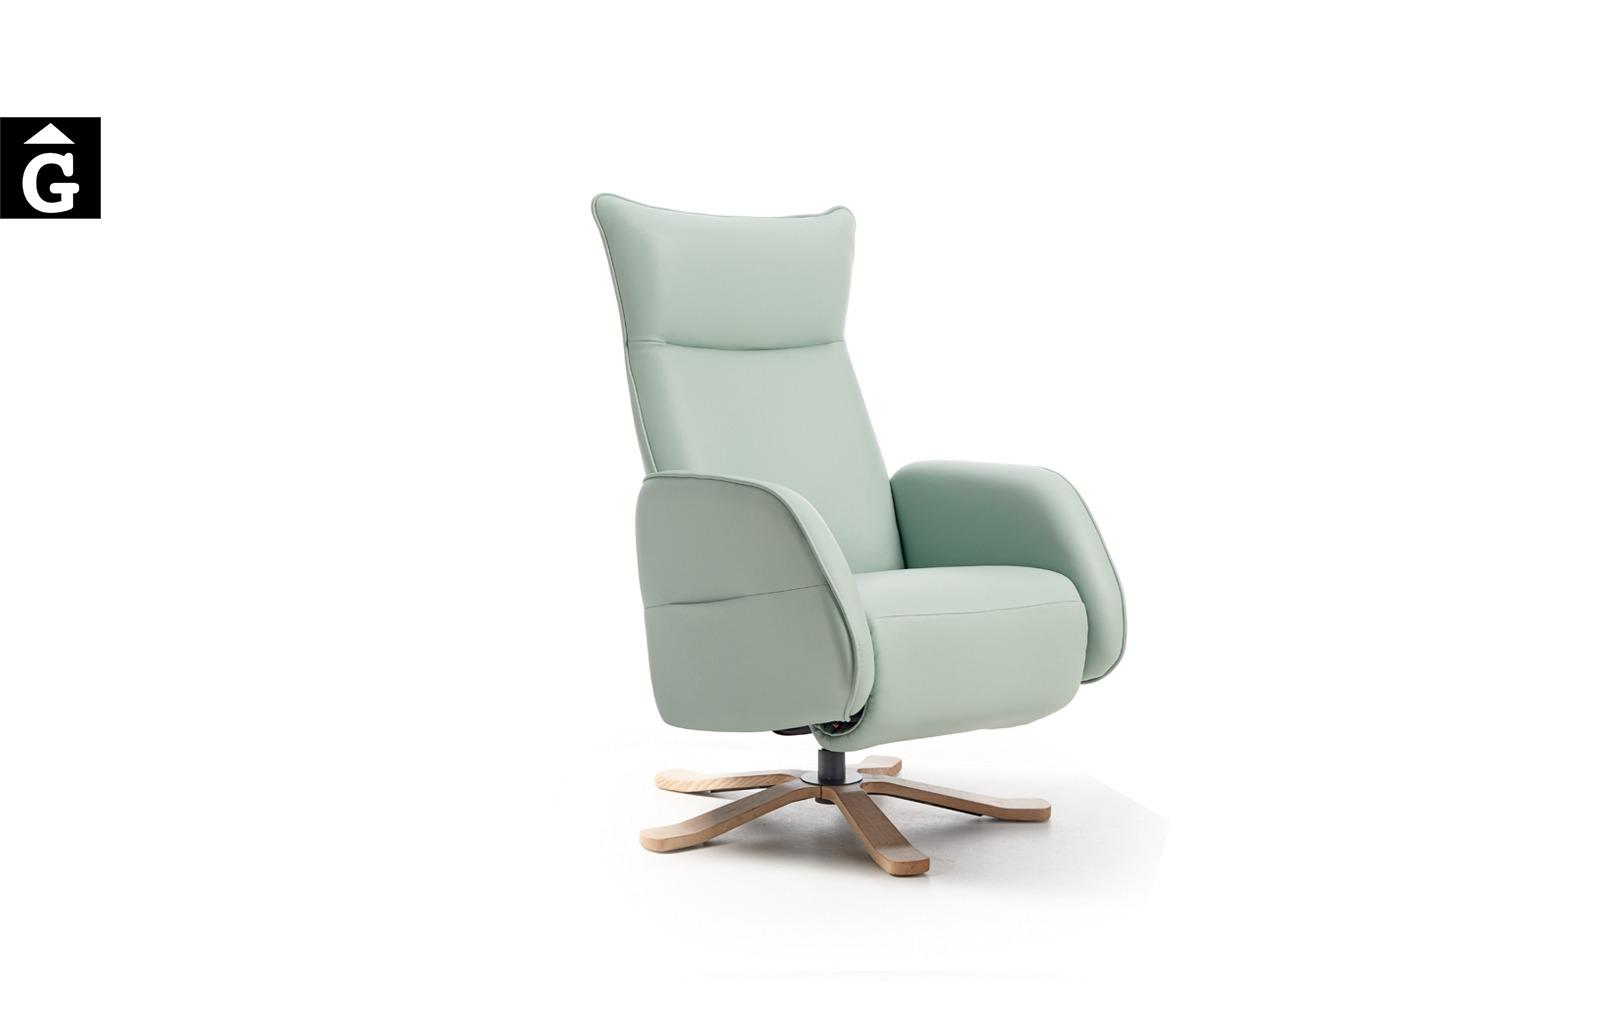 Butaca relax Bora giratoria pota fusta | Reys Ordoñez Sofas disseny i qualitat alta by mobles Gifreu